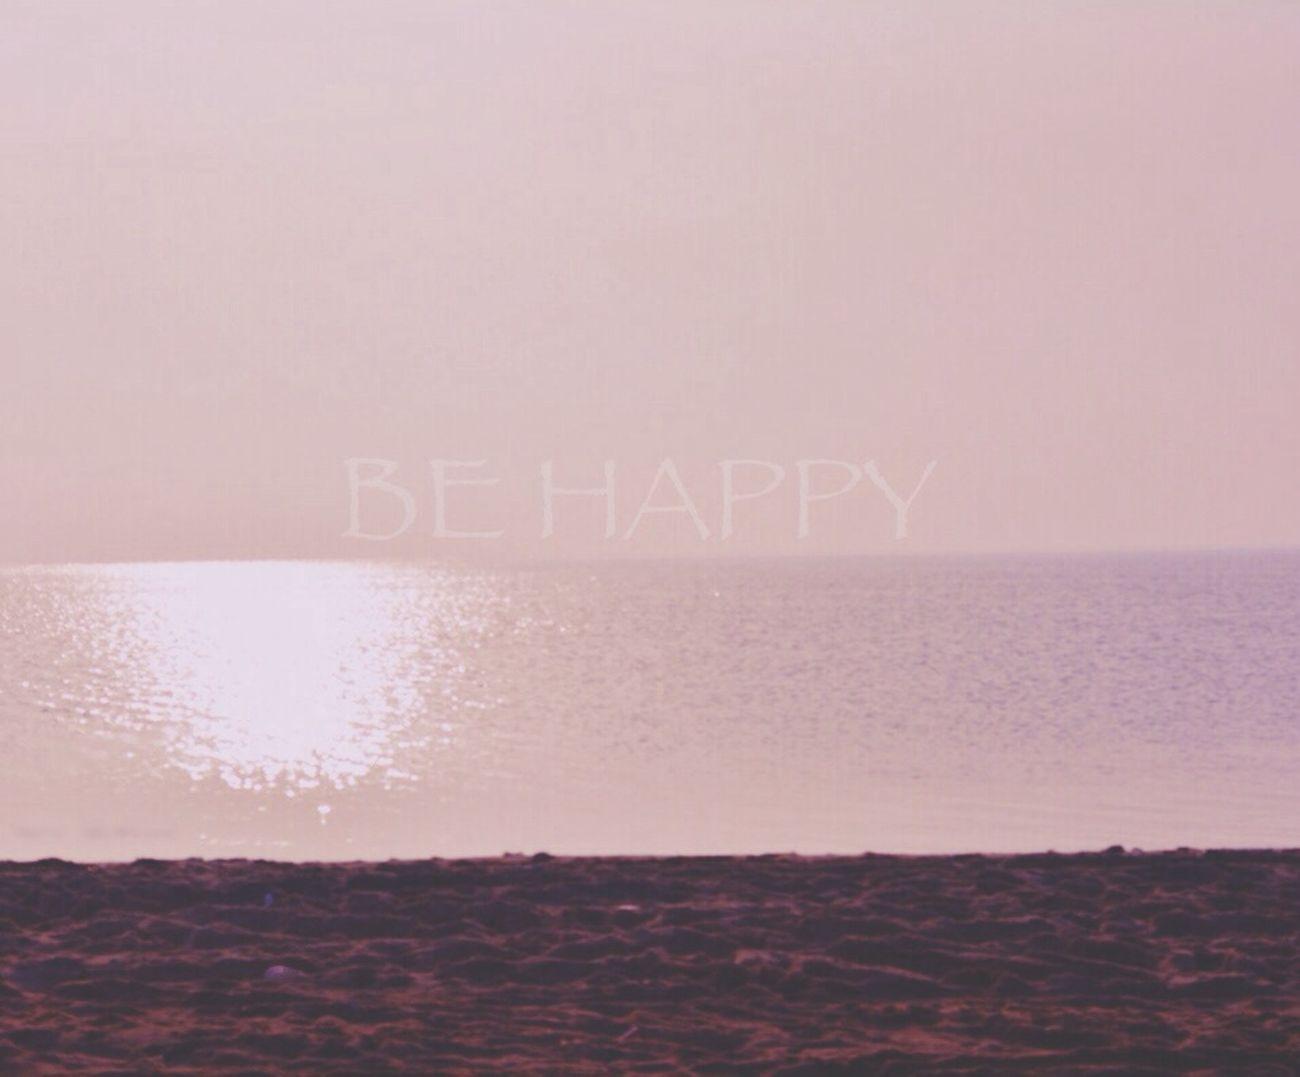 هناك اشخاص يملكون القدر ل منحك الكثير من السعاده حتى وان كان بينك وبينهم مسافات ♡سعاده